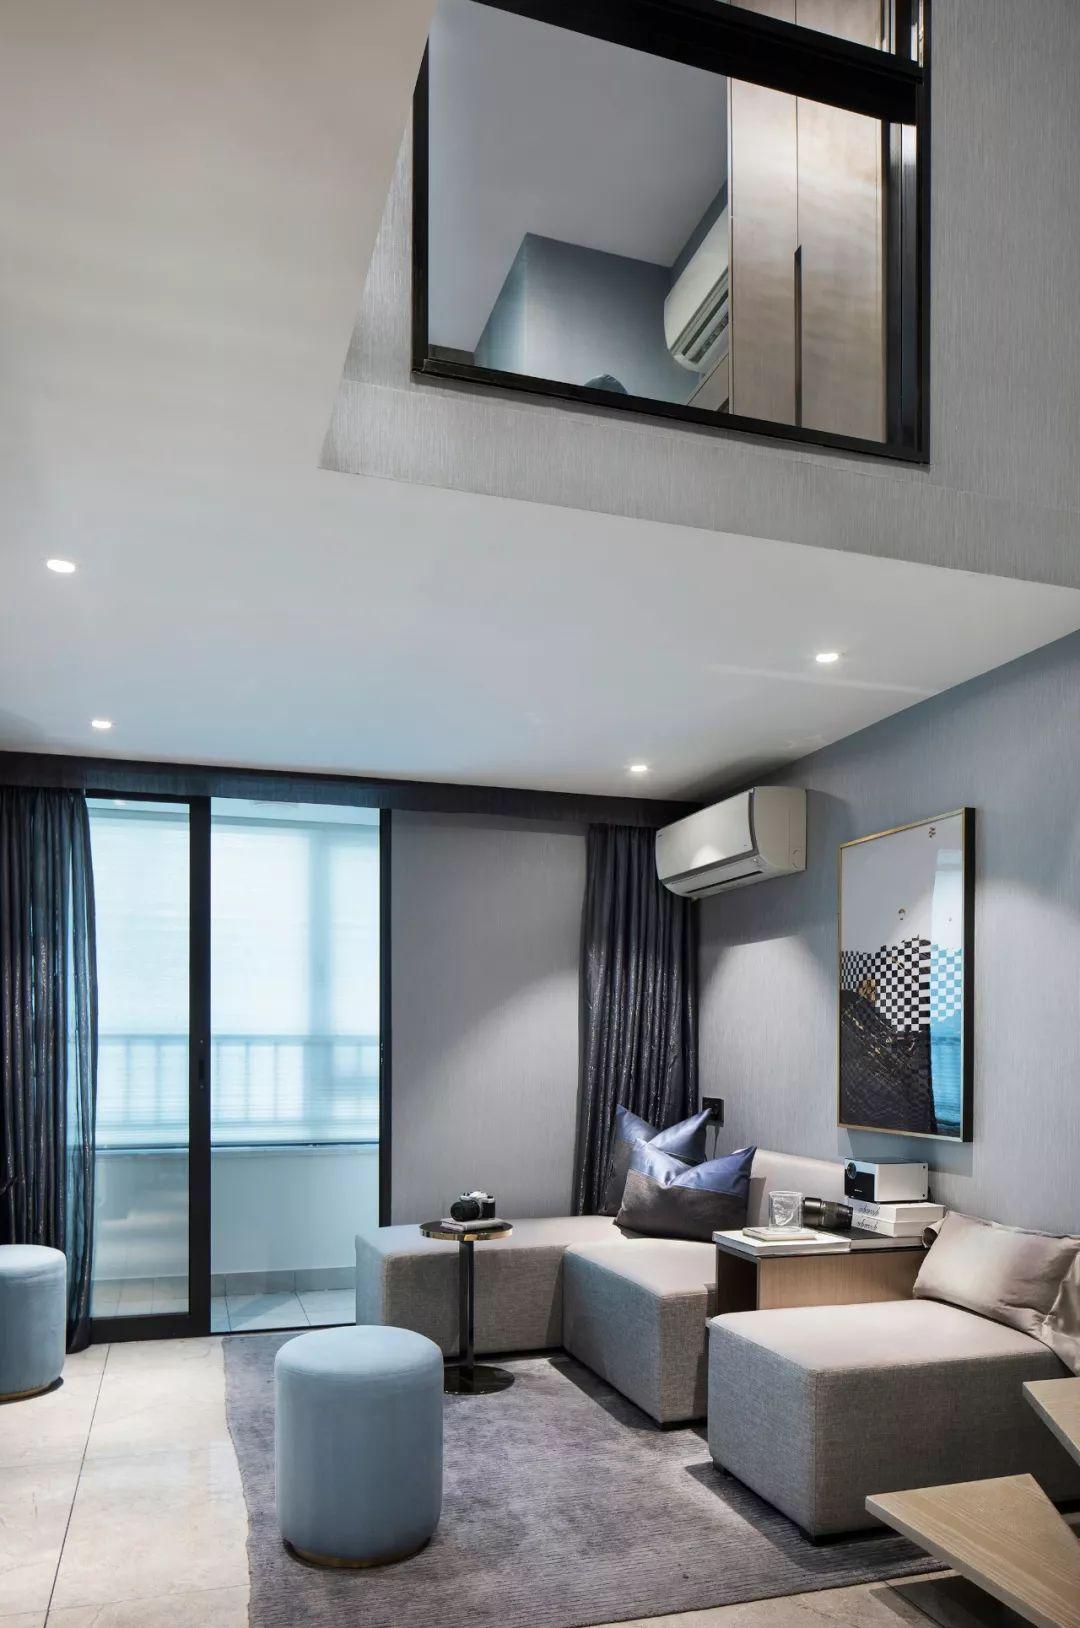 3套简约雅致loft公寓样板房设计方案,设计师以最平凡简洁的方式营造最